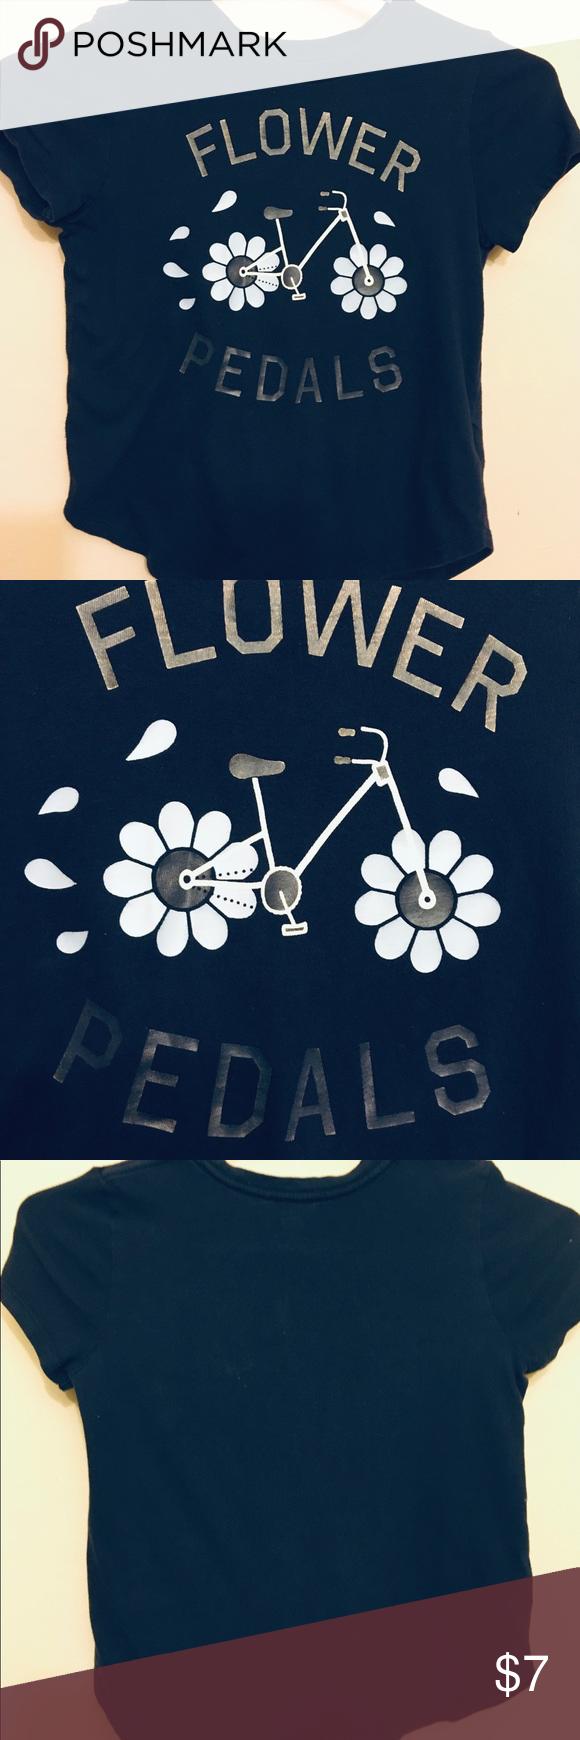 GIRLS NAVY BLUE FLIWER PEDALS T-SHIRT SWEET GIRLS OLD BAVY NAVY BLUE FLOWER PEDA...#bavy #blue #fliwer #flower #girls #navy #peda #pedals #sweet #tshirt